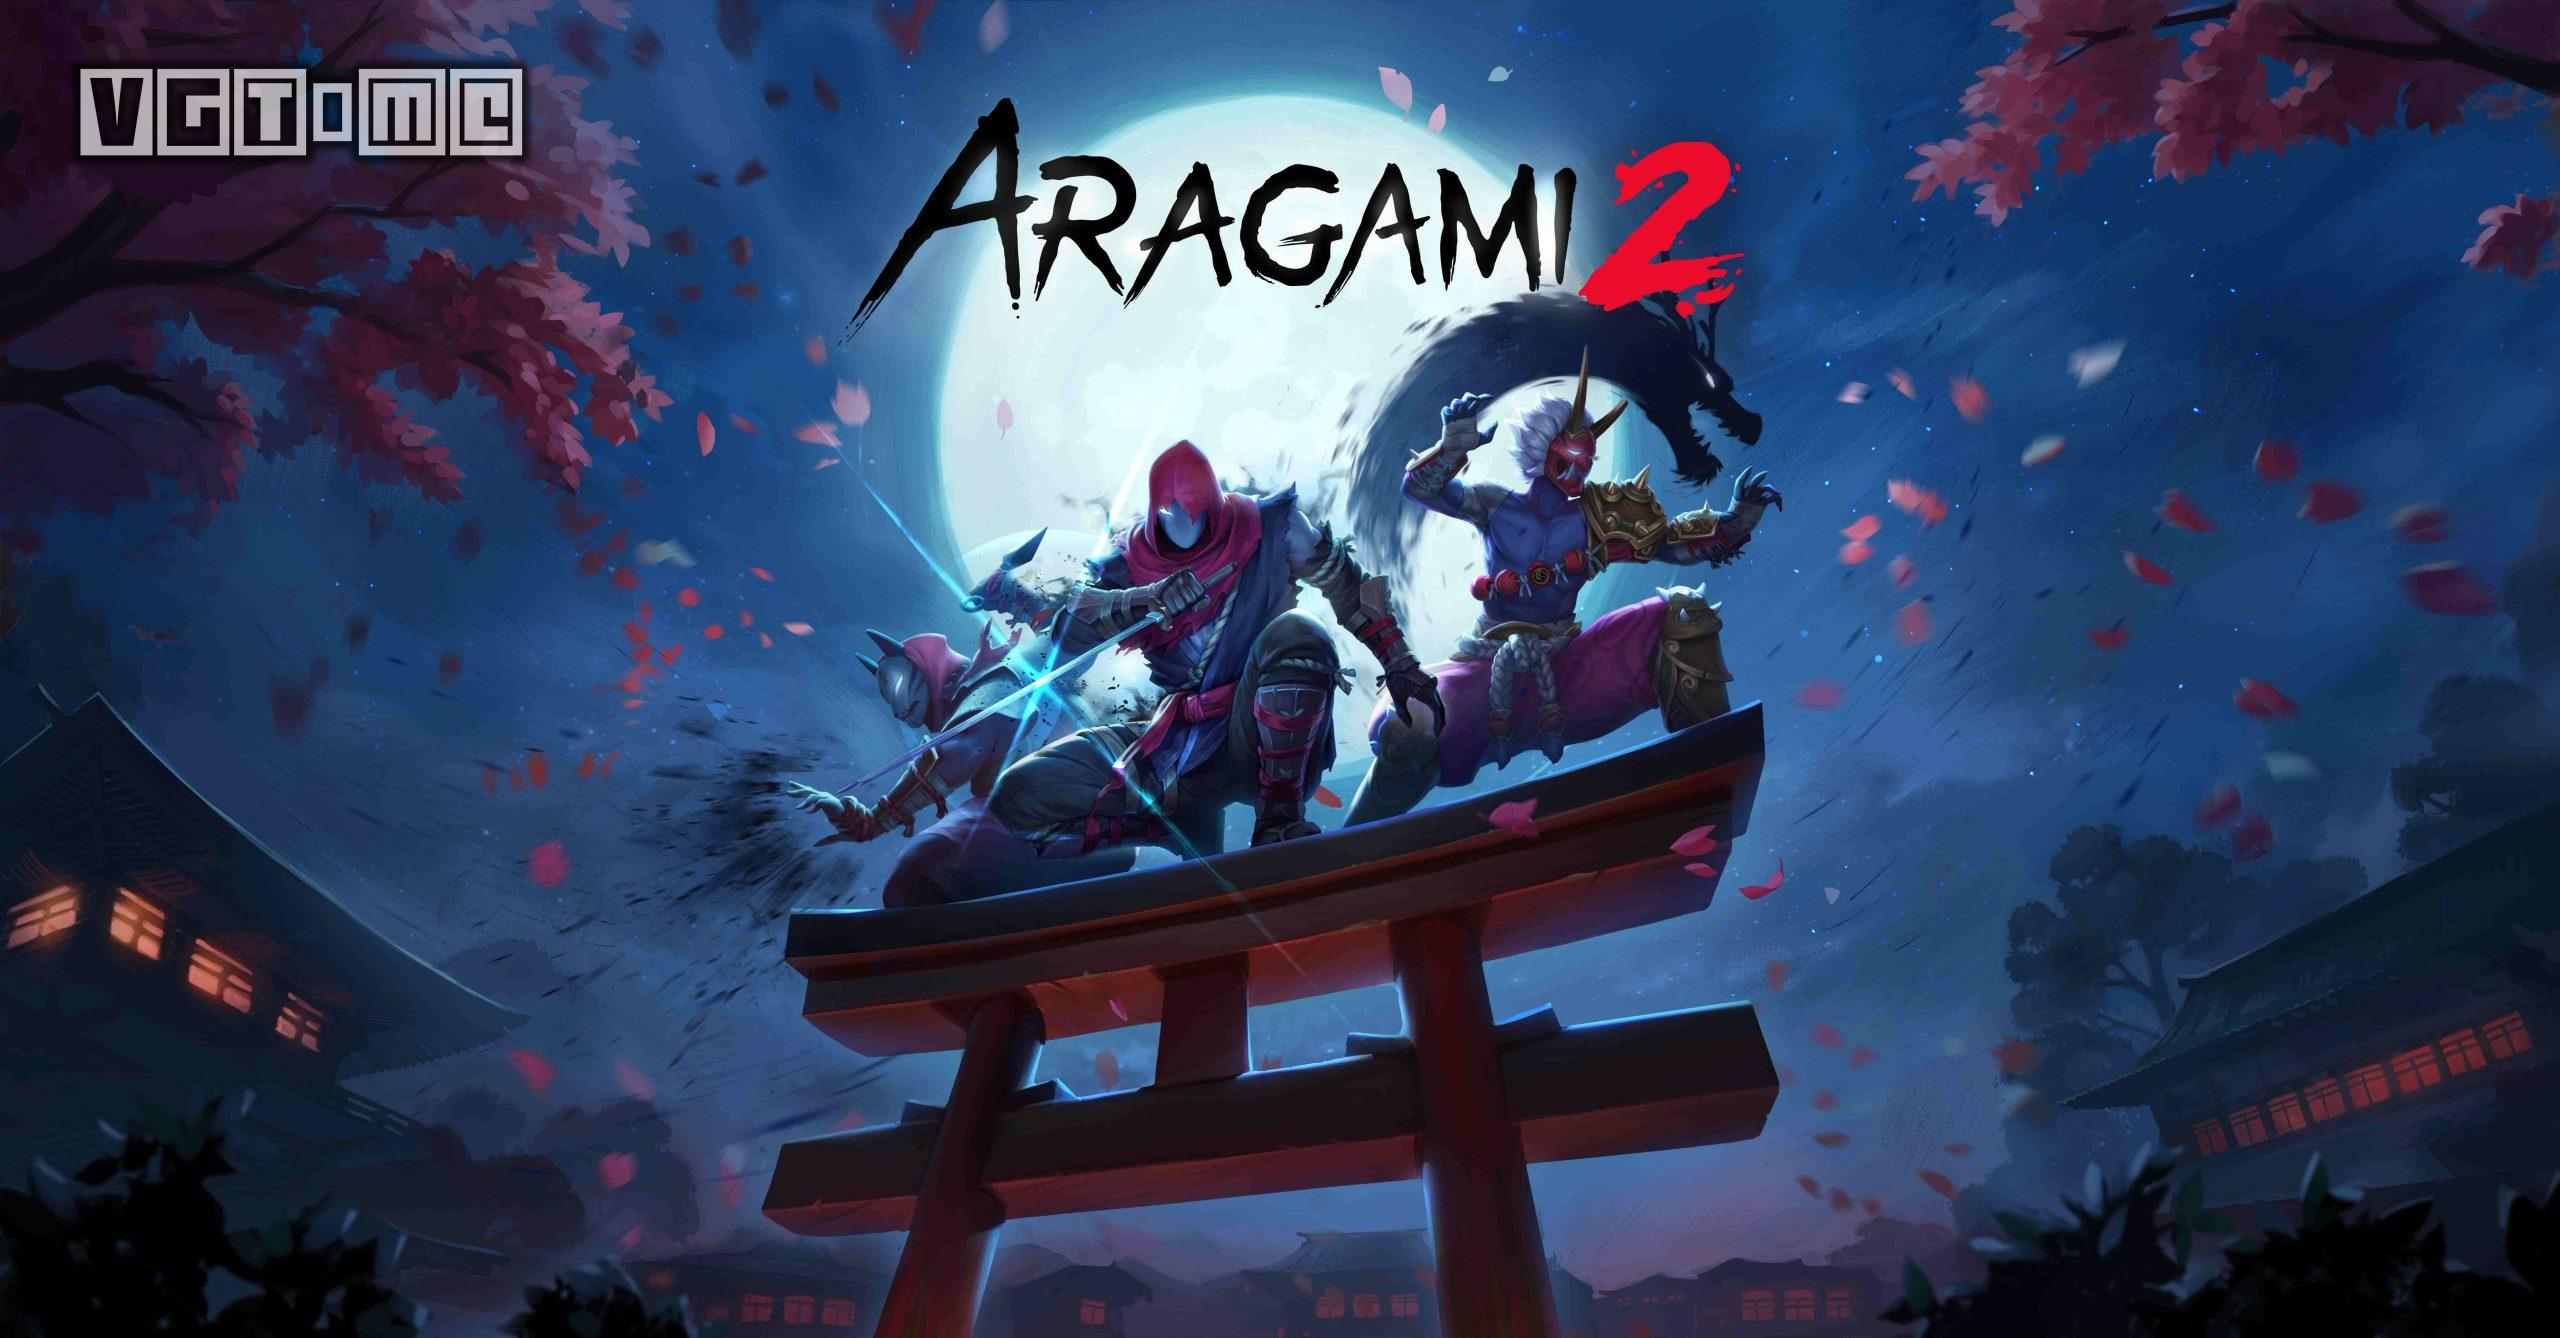 第三人称潜入游戏《荒神2》延期至2021年第三季度发售